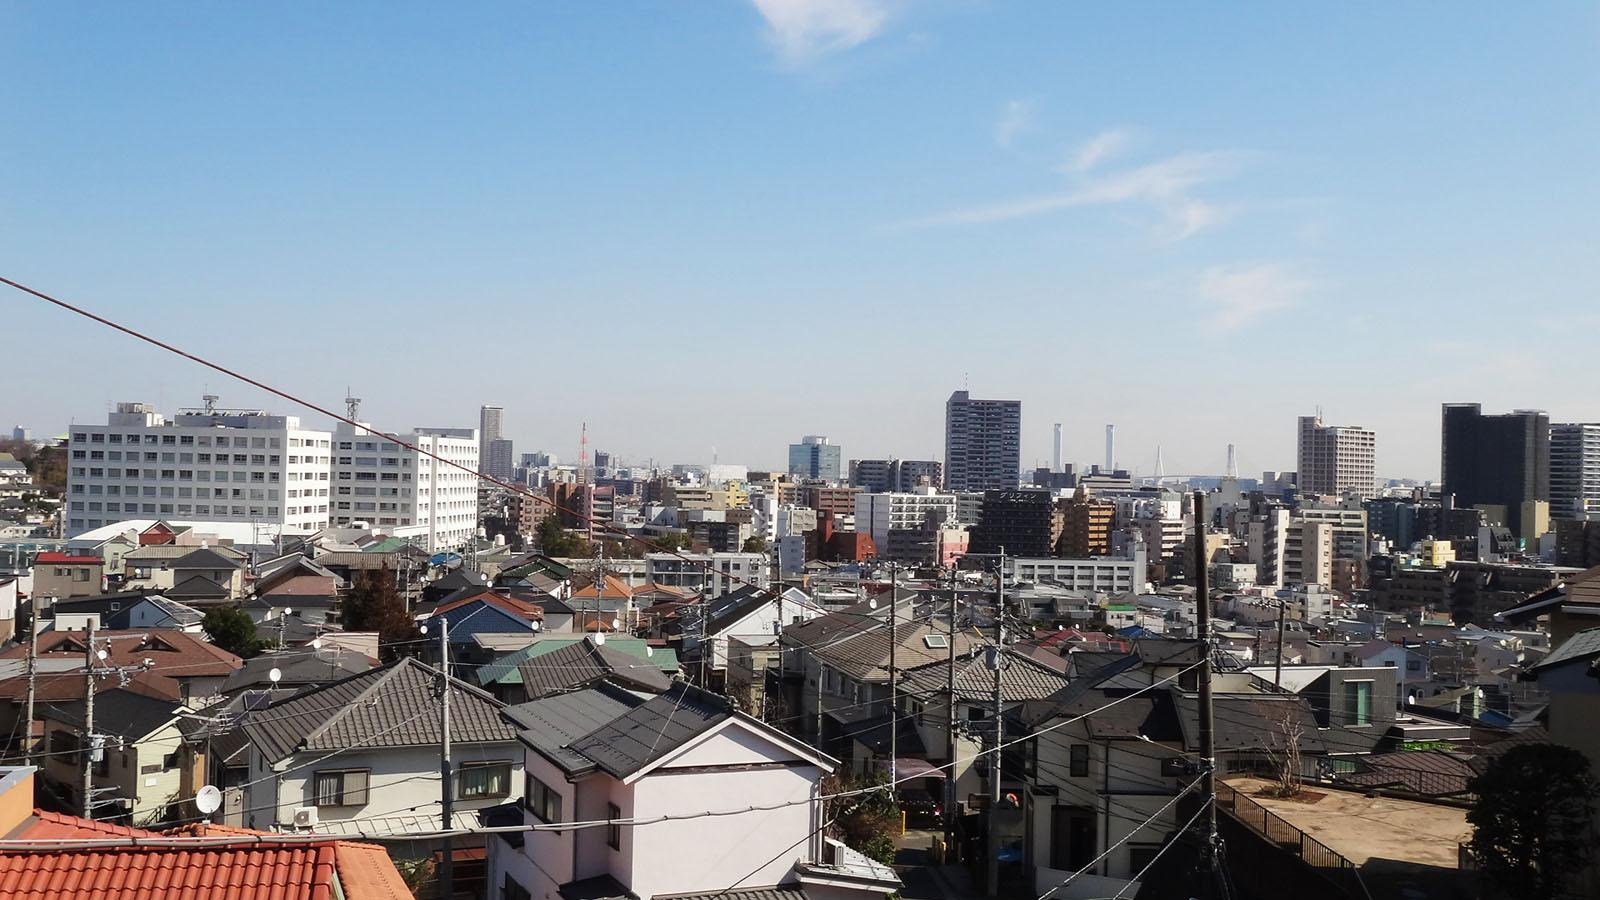 高台にあるので、先まで見渡せる眺望です。奥にはベイブリッジも見えます